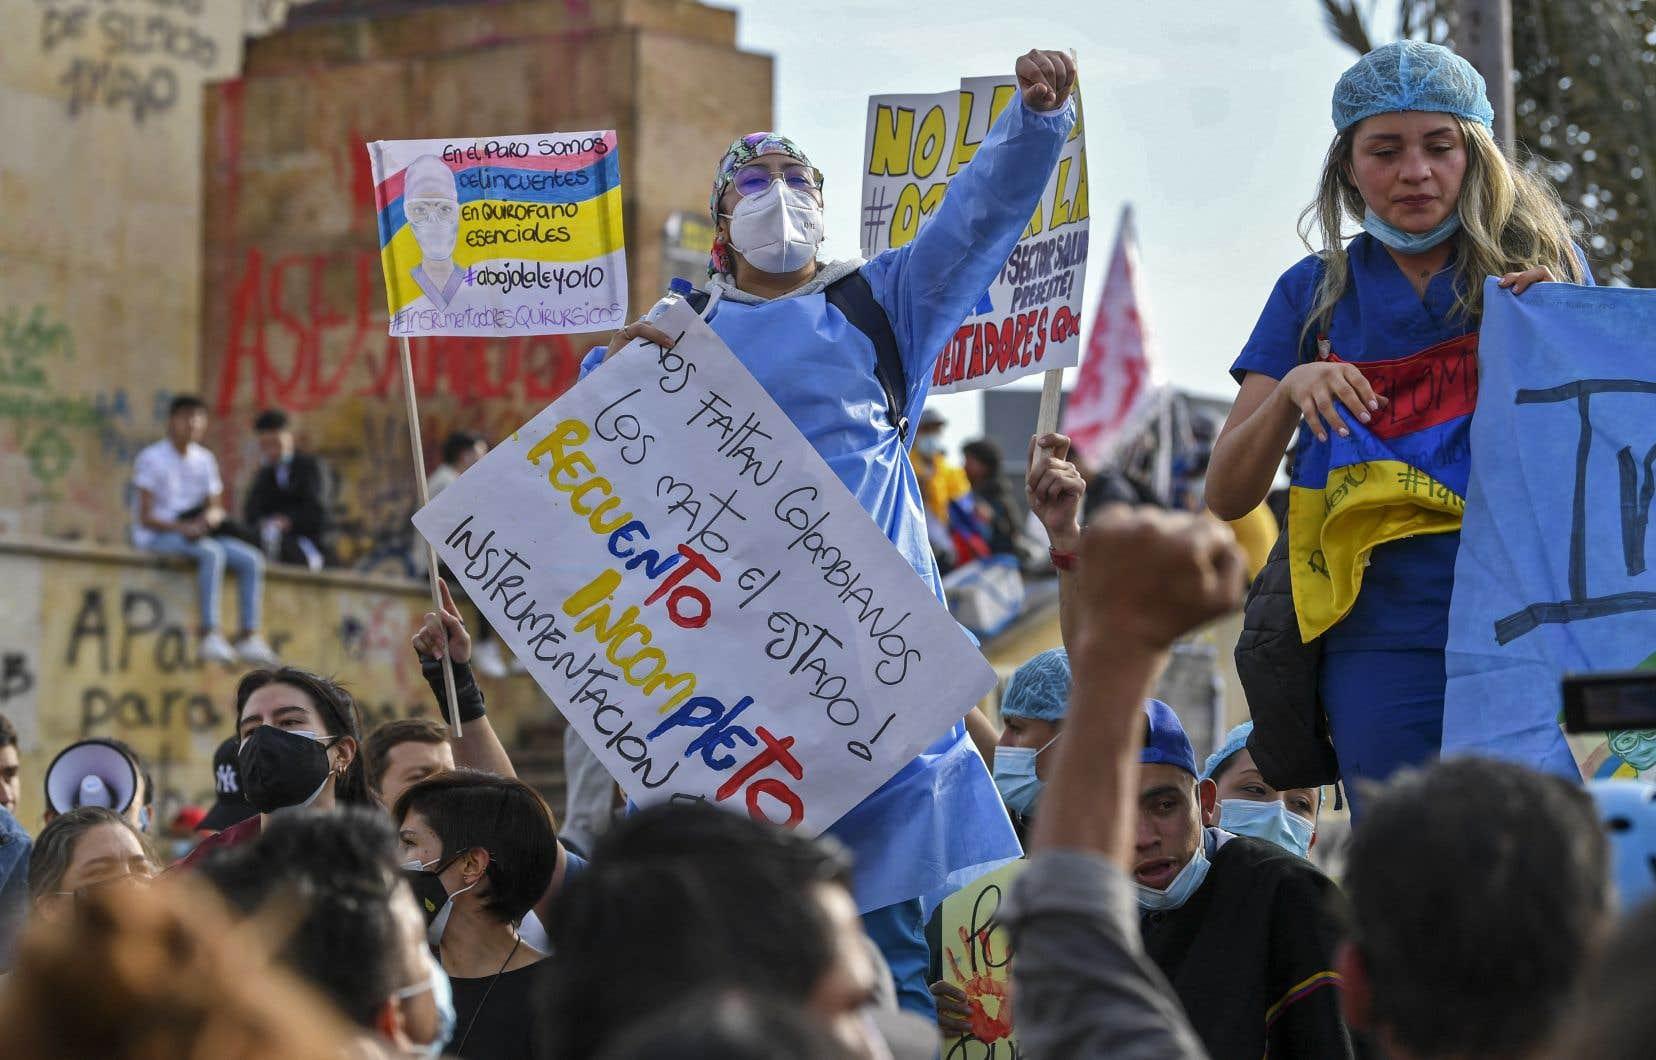 Les manifestants réclament notamment une amélioration des politiques de santé, d'éducation, de sécurité et dénoncent les abus des forces de l'ordre.